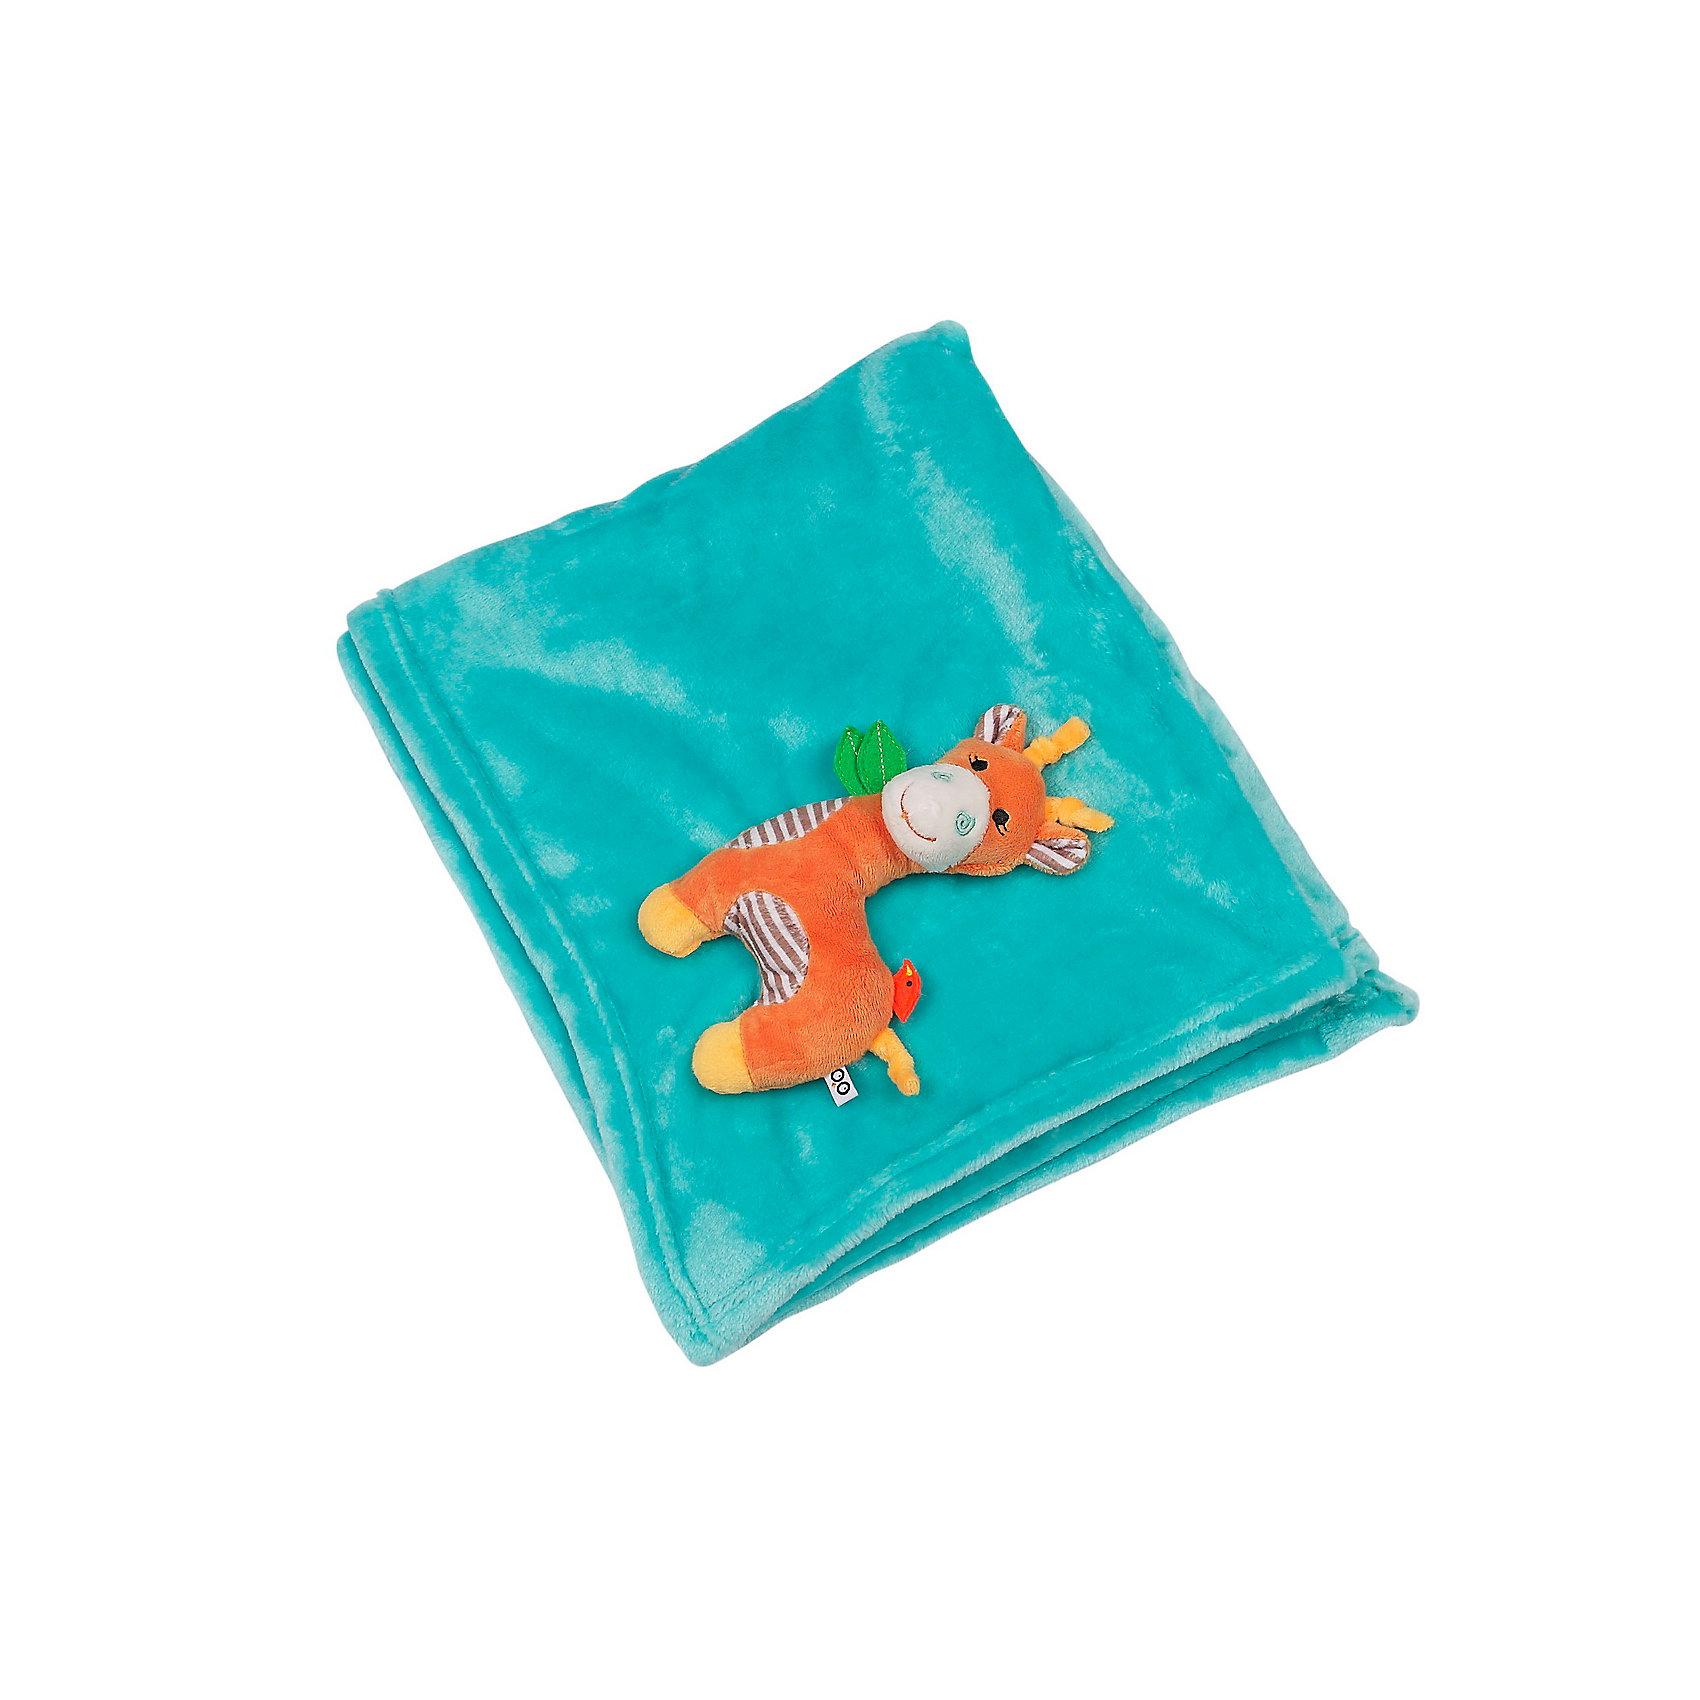 Одеяло с игрушкой Жираф, Zoocchini, акваОдеяла, пледы<br>Одеяло с игрушкой Жираф, аква от американского бренда Zoocchini (Зукинни) поможет в оформлении интерьера детской комнаты и приведет в восторг вашего ребенка. Яркий морской цвет одеяла и мягкий симпатичный друг Жираф на уголке будут радовать глаз и развлекать, а нежная плюшевая ткань очень приятна на ощупь и подарить тепло и комфорт маленькому крохе. Одеяло можно брать с собой на природу, в машину или в коляску во время прогулки прохладным вечером. <br>Дополнительная информация:<br>- Состав: 100% полиэстер<br>- Размер: 68,5 * 99 см.<br>Одеяло с игрушкой Жираф, аква Zoocchini(Зукини) можно купить в нашем интернет-магазине.<br>Подробнее:<br>• Для детей в возрасте: от 0 до 3 лет<br>• Номер товара: 4976016<br>Страна производитель: Китай<br><br>Ширина мм: 255<br>Глубина мм: 75<br>Высота мм: 255<br>Вес г: 418<br>Возраст от месяцев: 0<br>Возраст до месяцев: 36<br>Пол: Унисекс<br>Возраст: Детский<br>SKU: 4976016